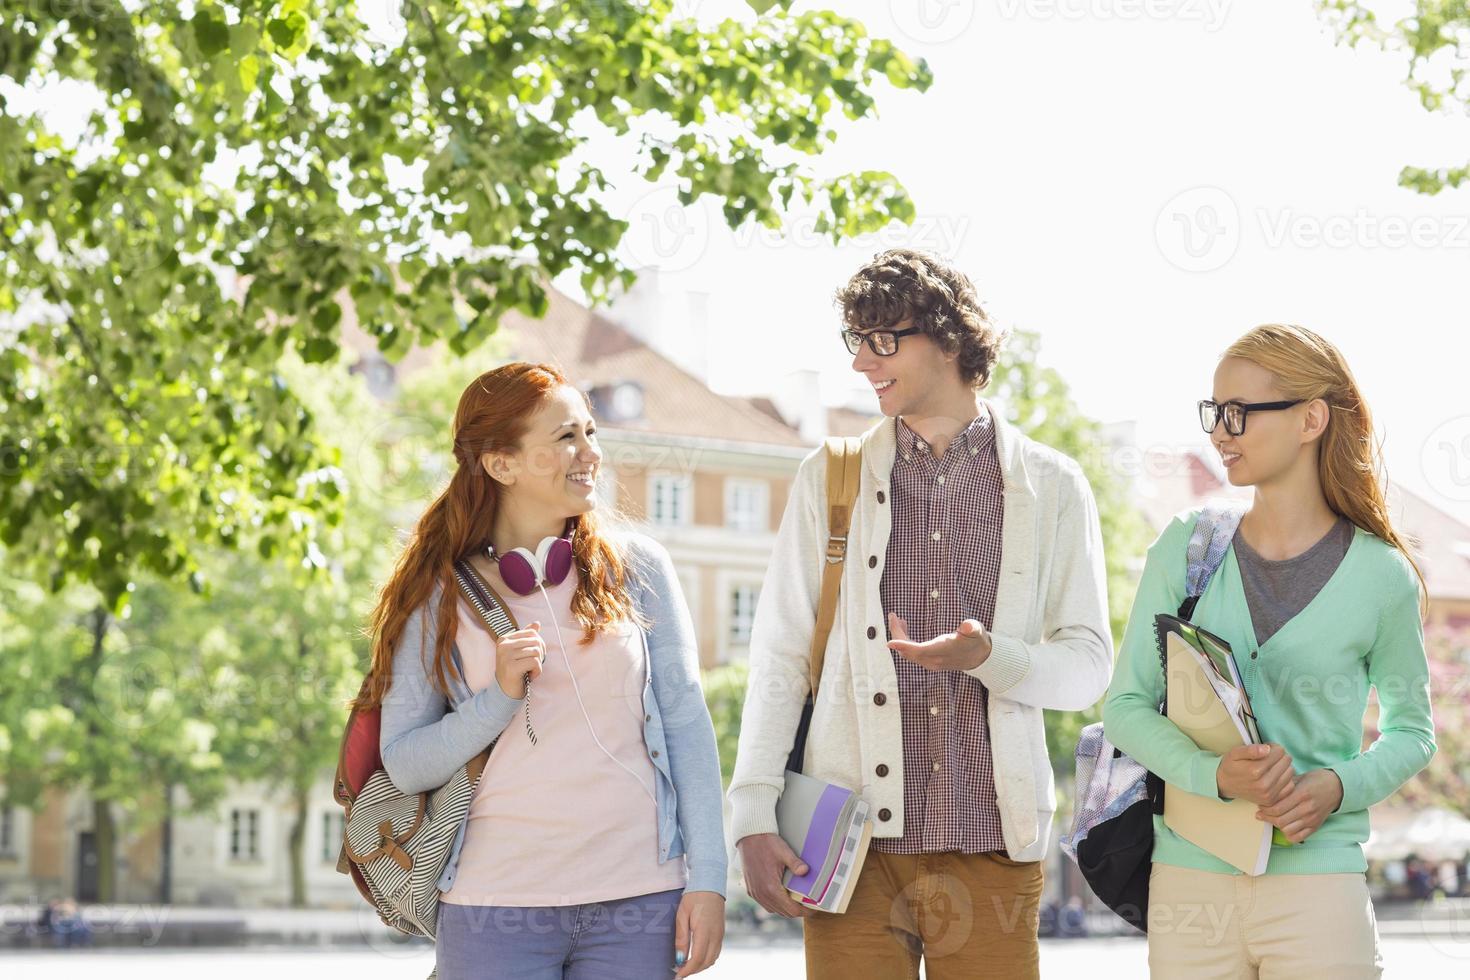 junge Studenten sprechen, während sie auf der Straße gehen foto